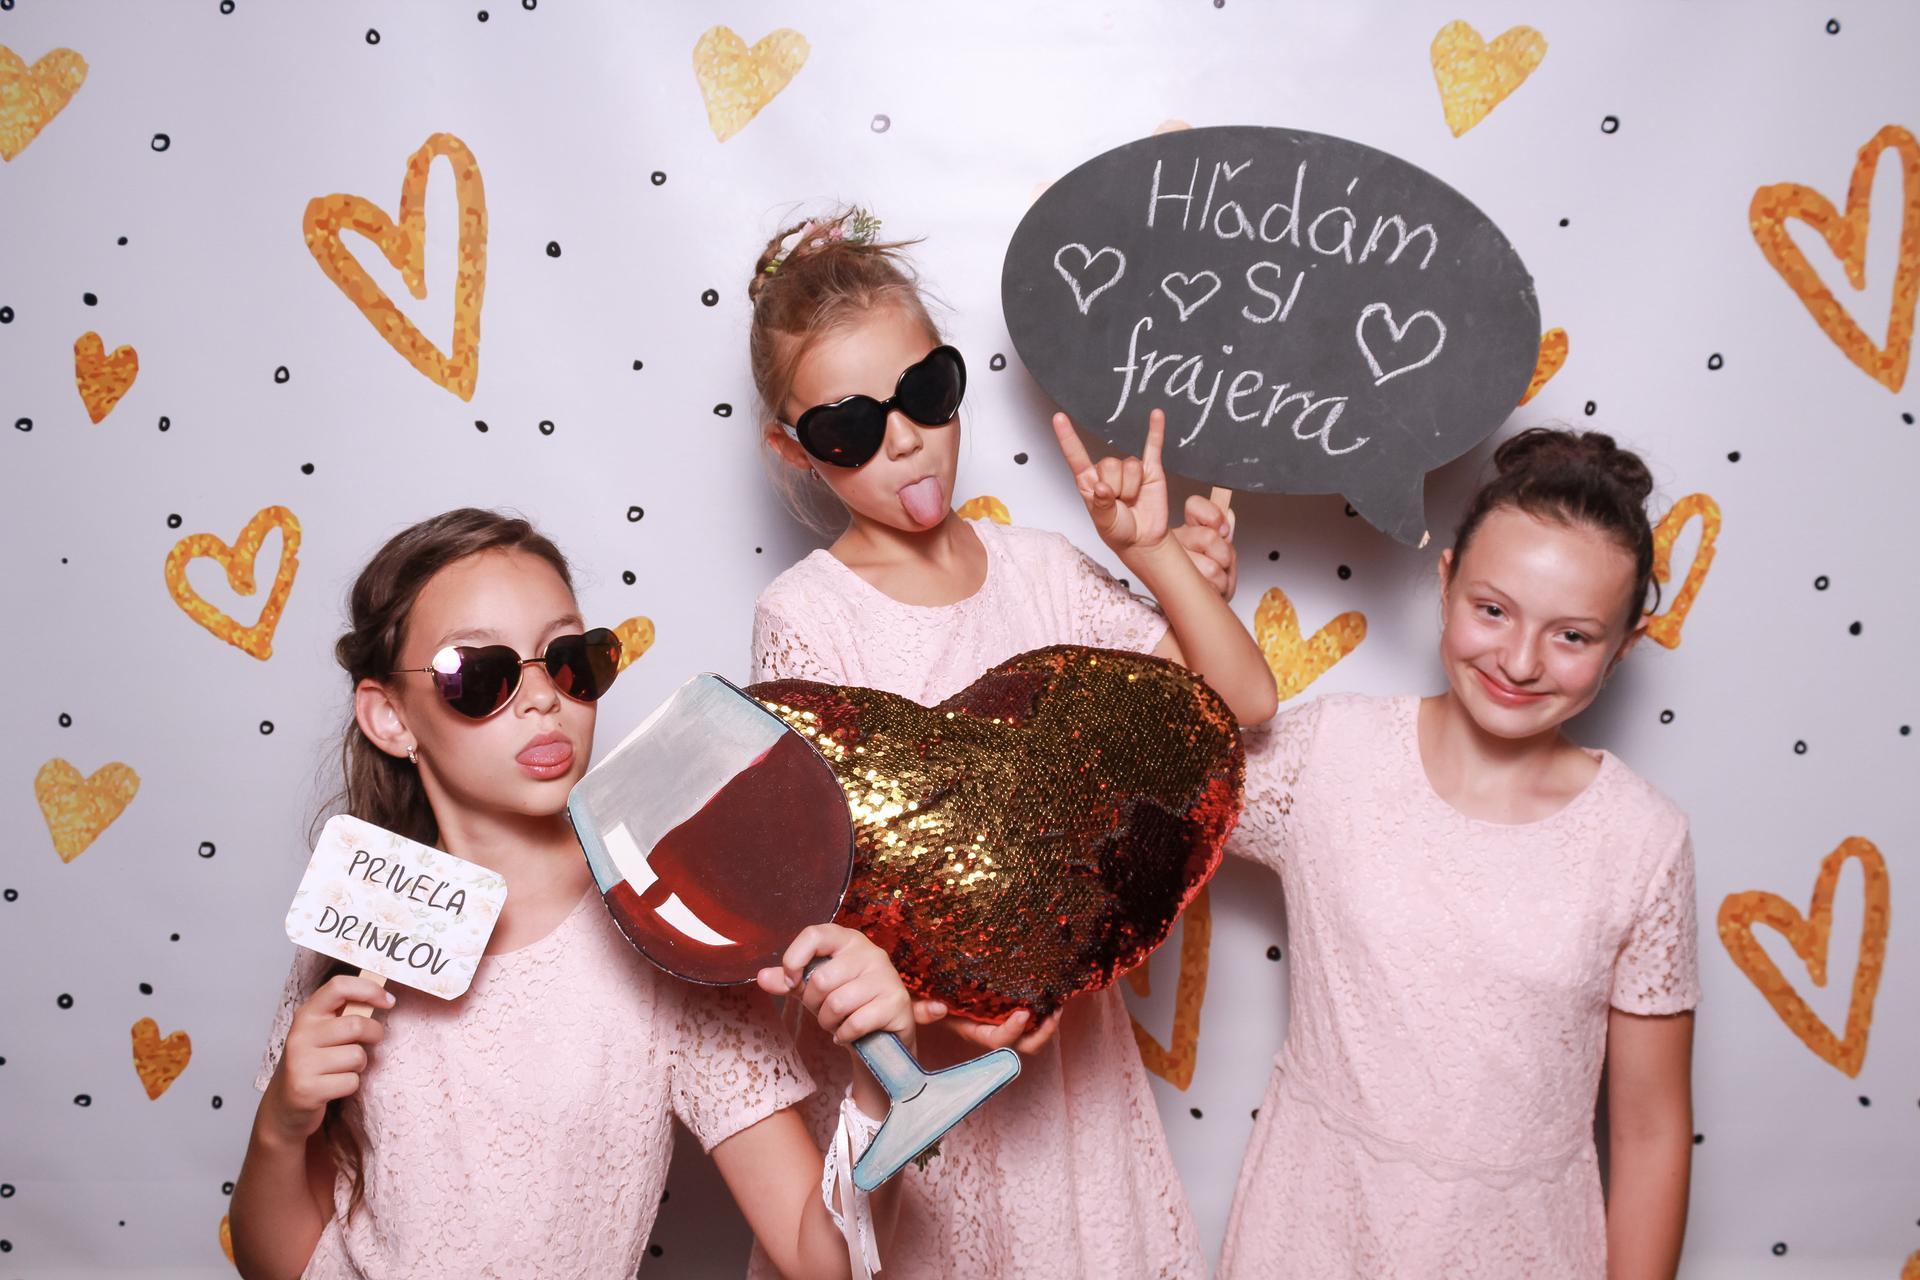 Wedding Time - no a naše malé družičky sa skutočne odviazali :D zbožňujem túto fotku a tie ich pózy ♥